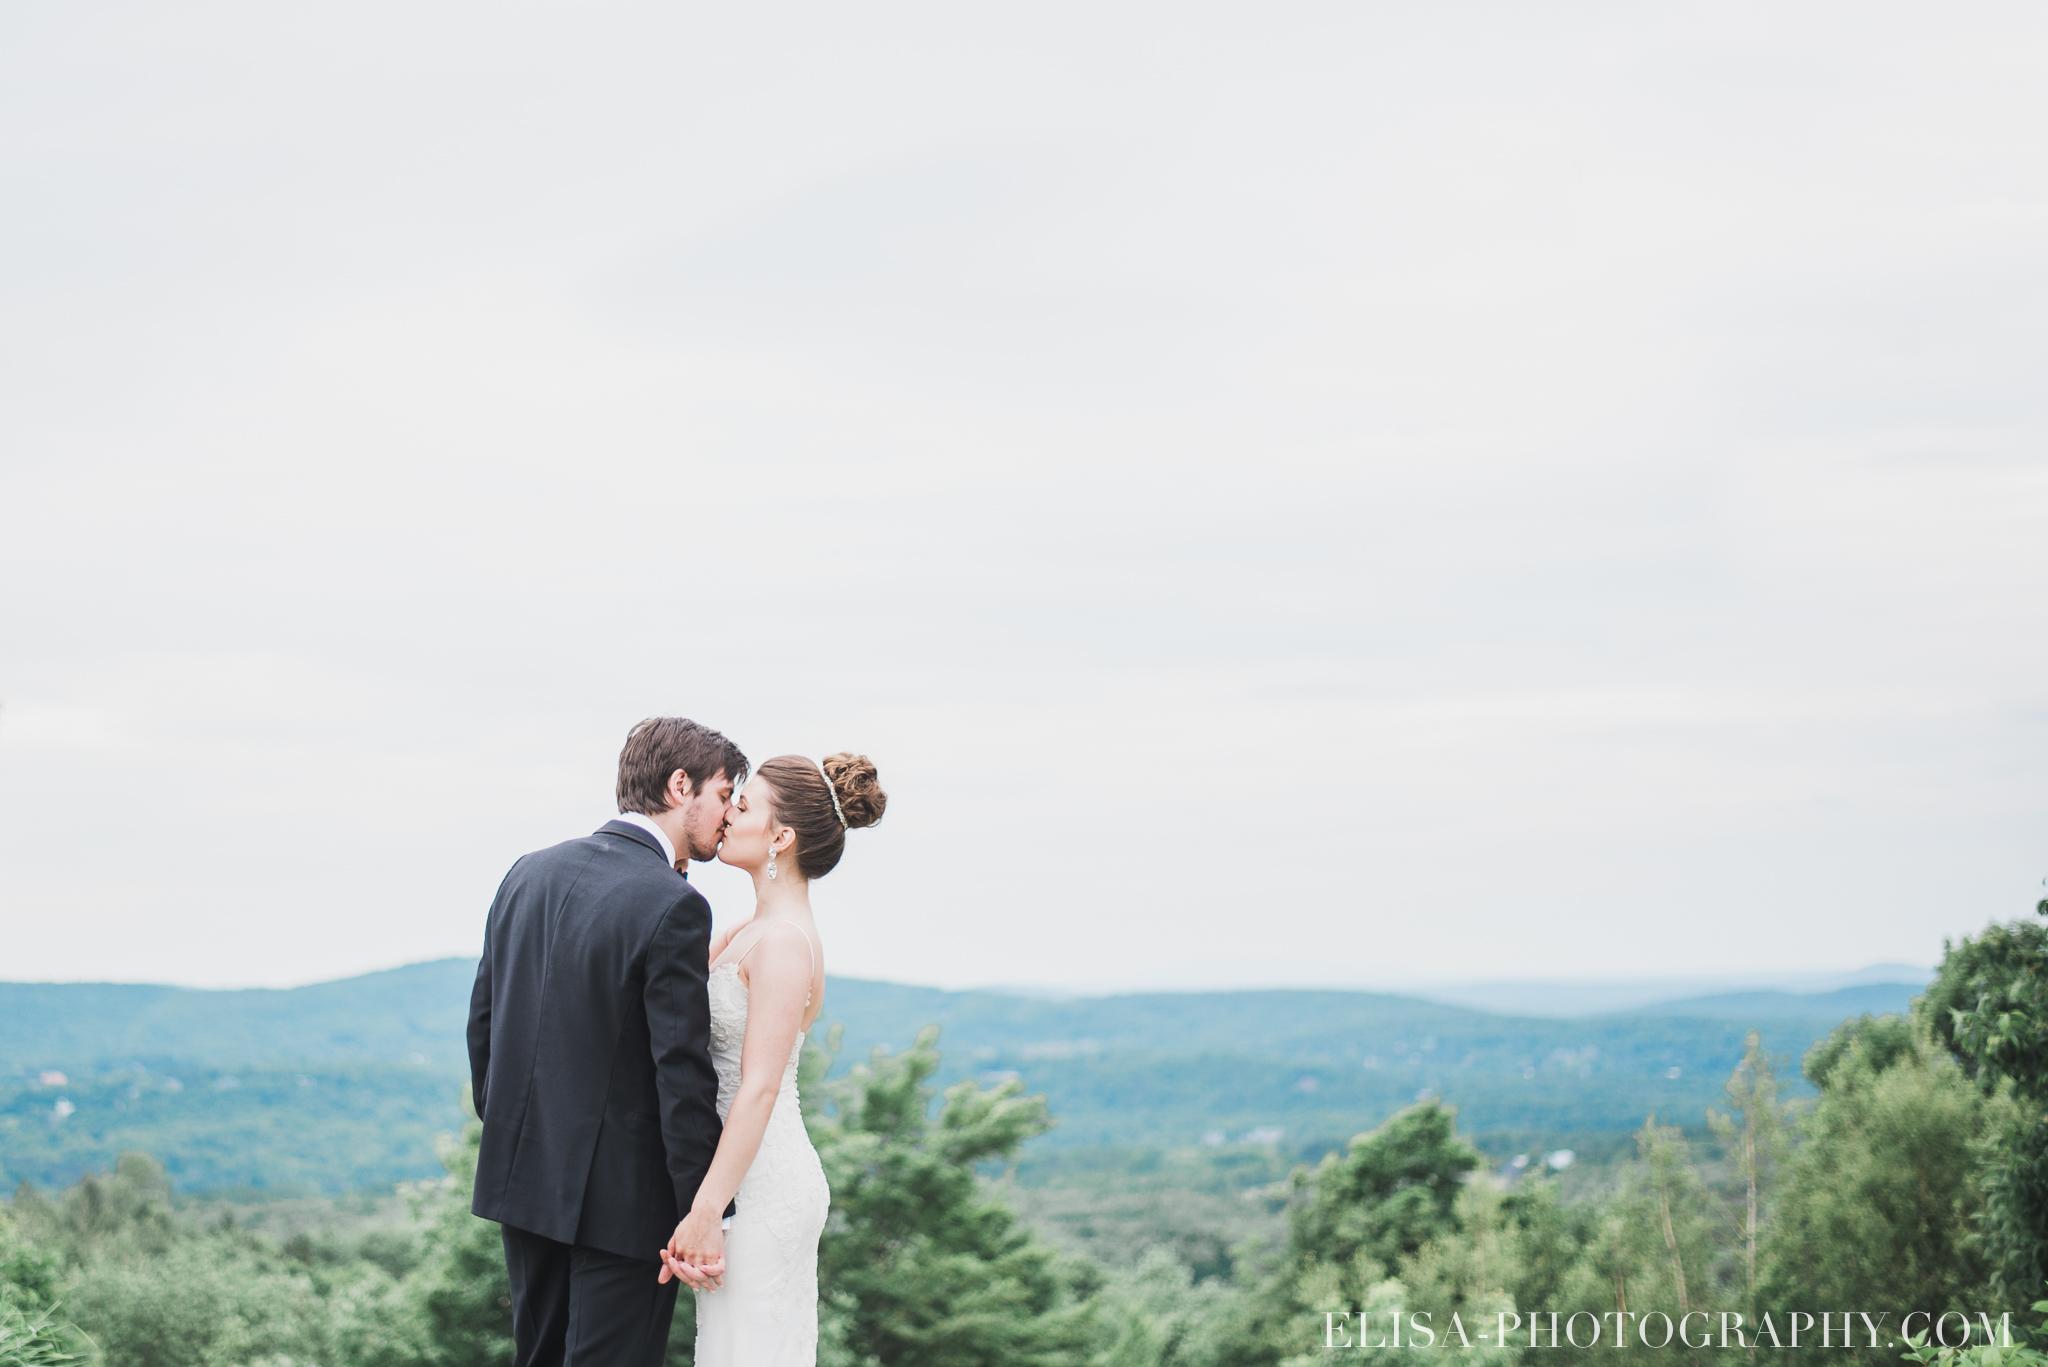 photo mariage a la montagne domaine tomali maniatin portrait couple lifestyle naturel lumineux professionel 6193 - Galerie photos de mariage